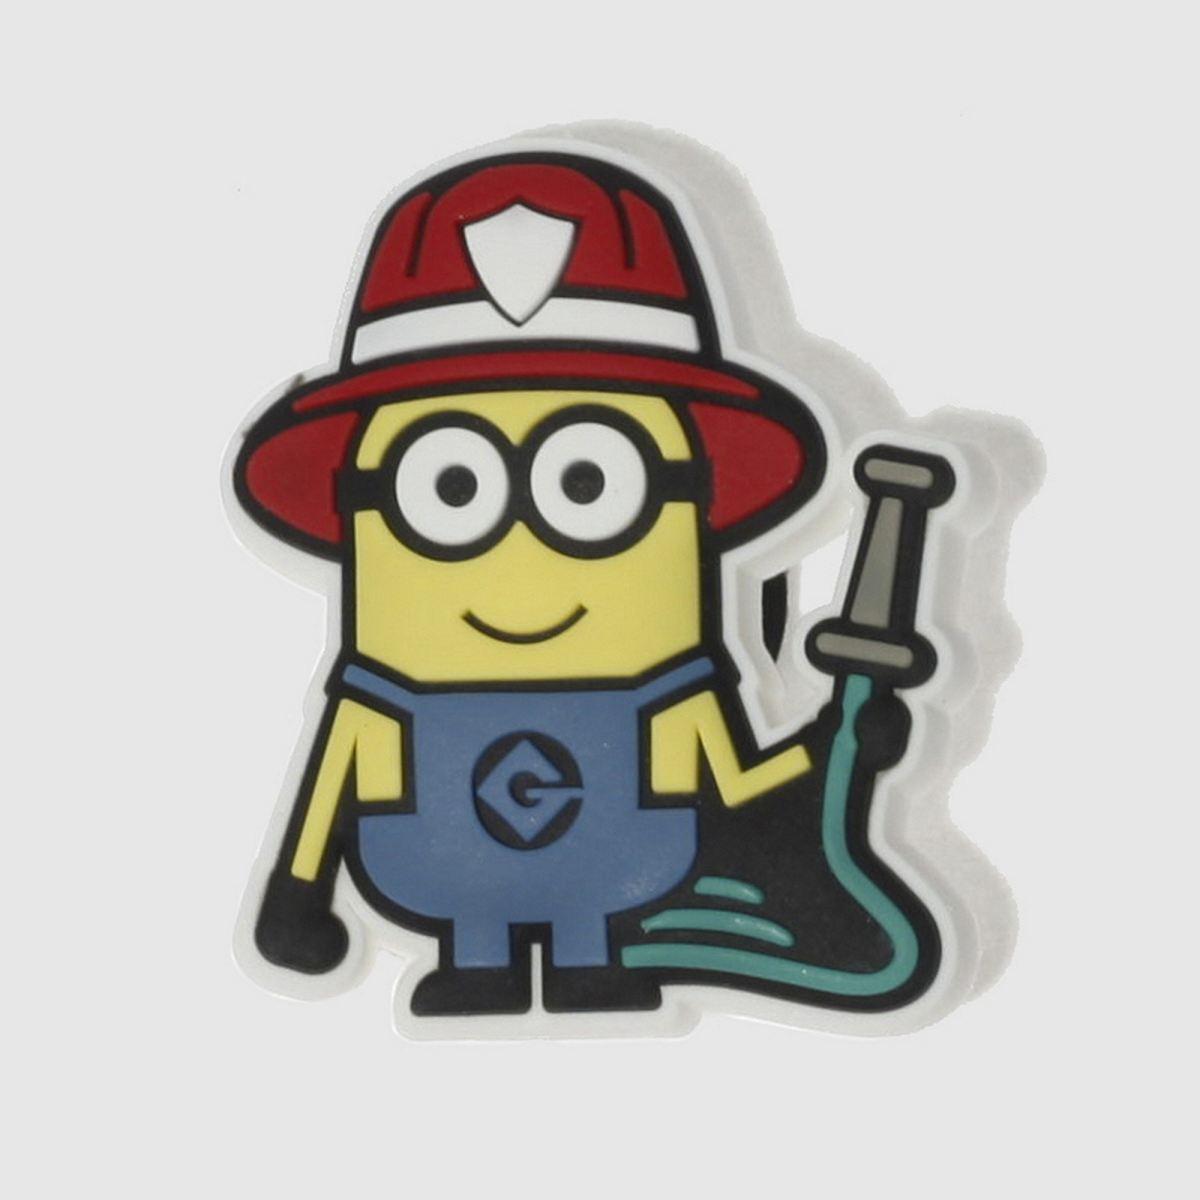 jibbitz Jibbitz Yellow Minions Firefighter